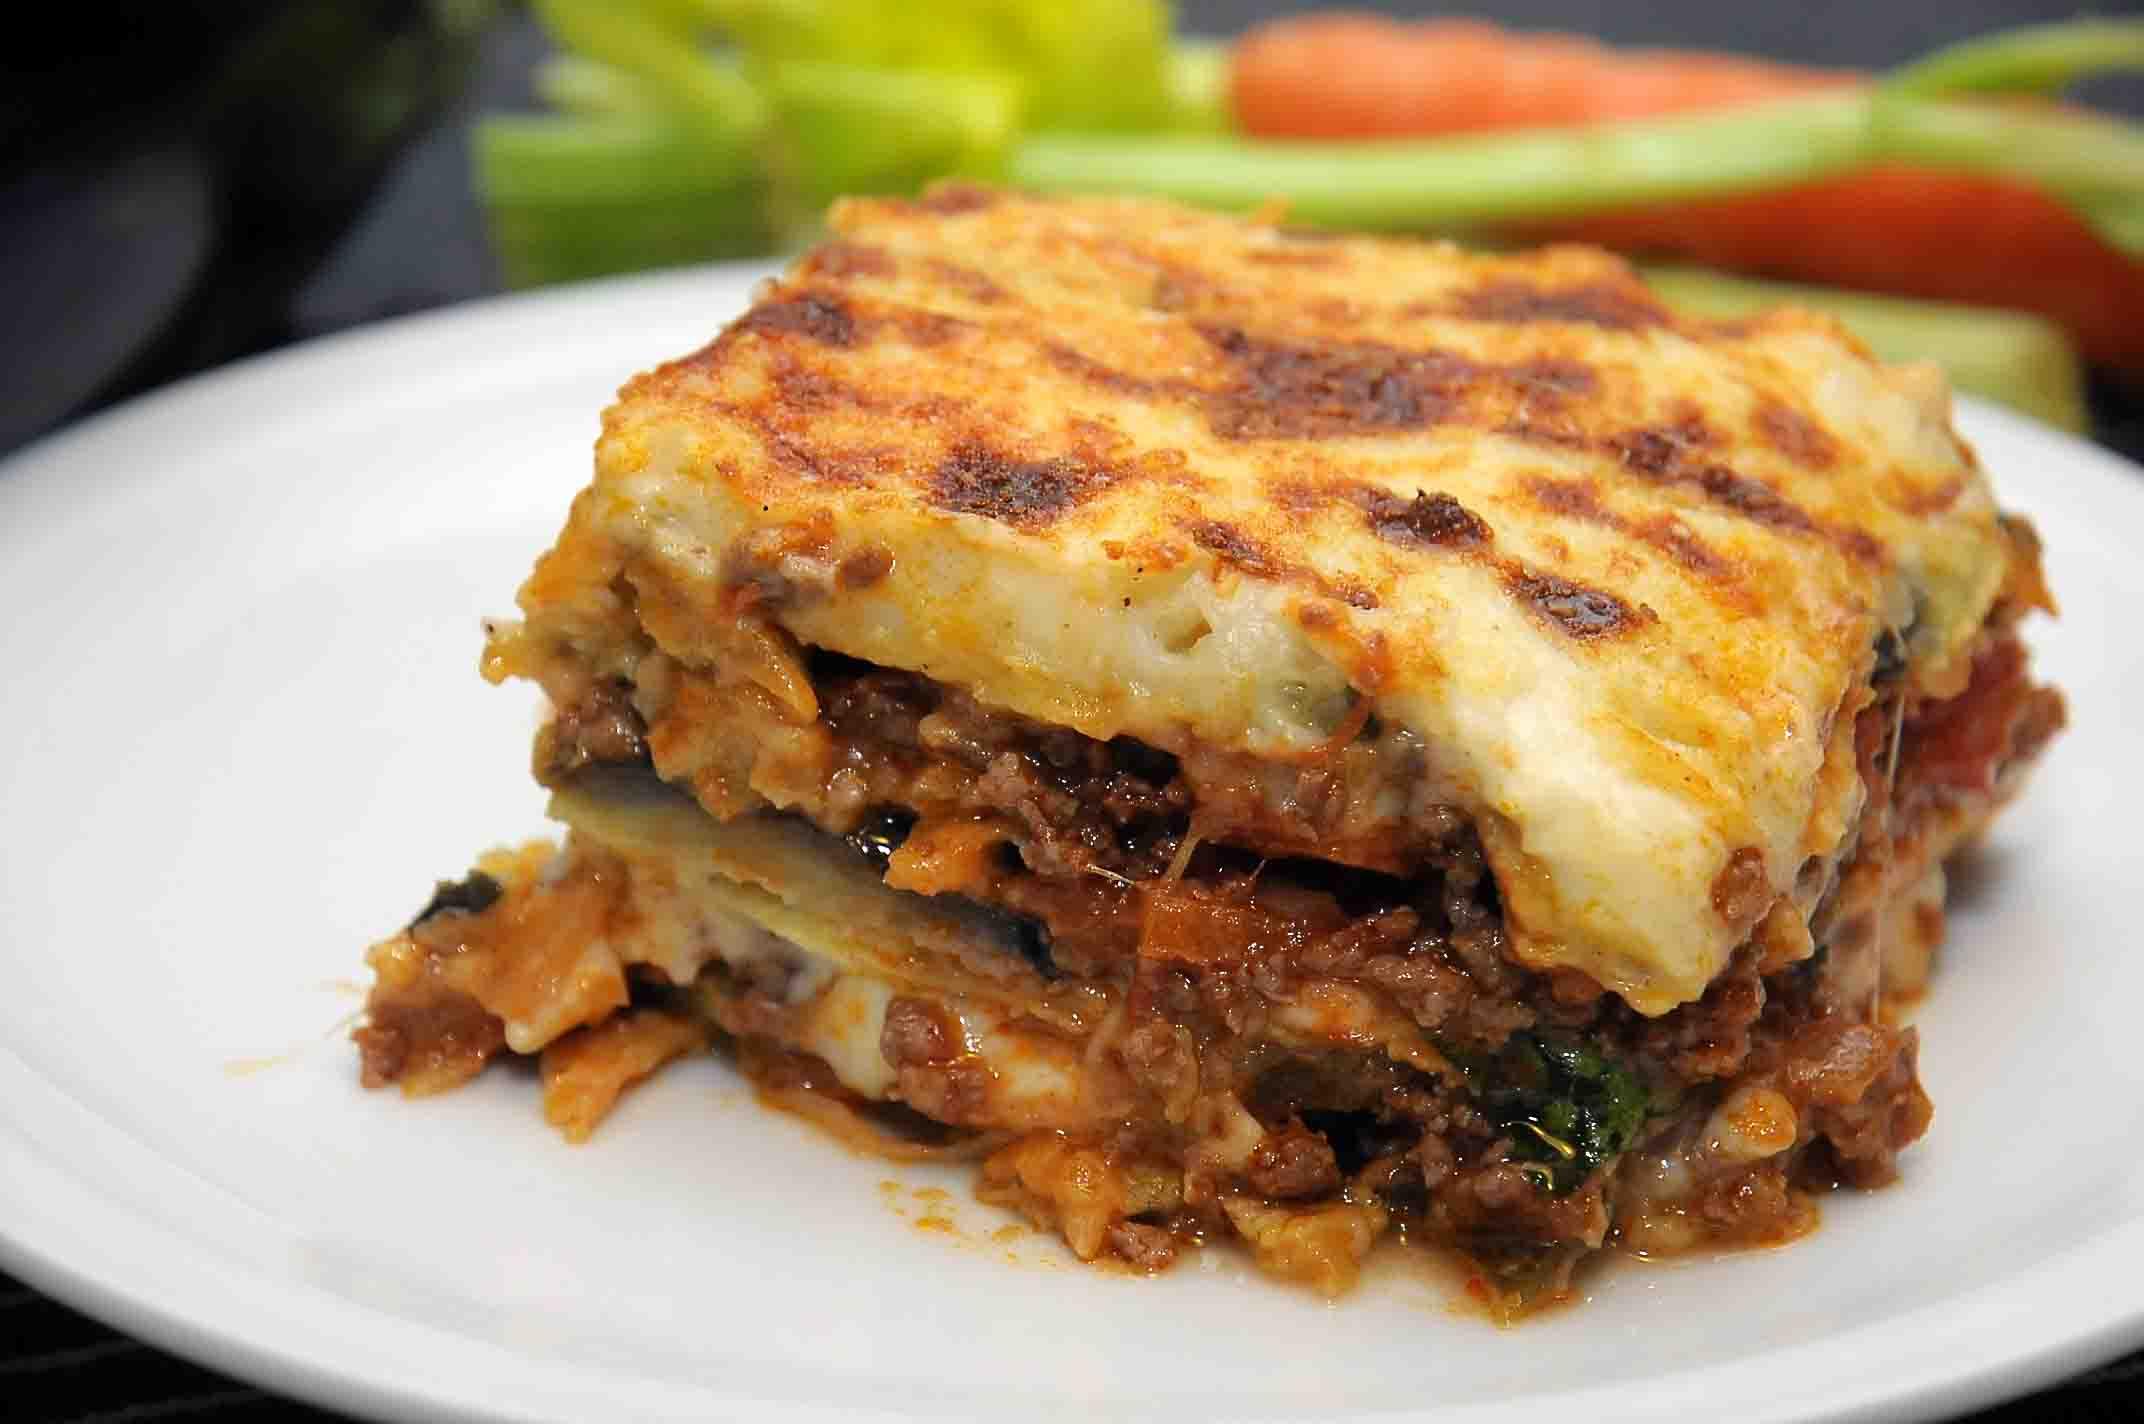 Popolare Ricetta Lasagne al forno di carnevale con melanzane e carne tritata YD29